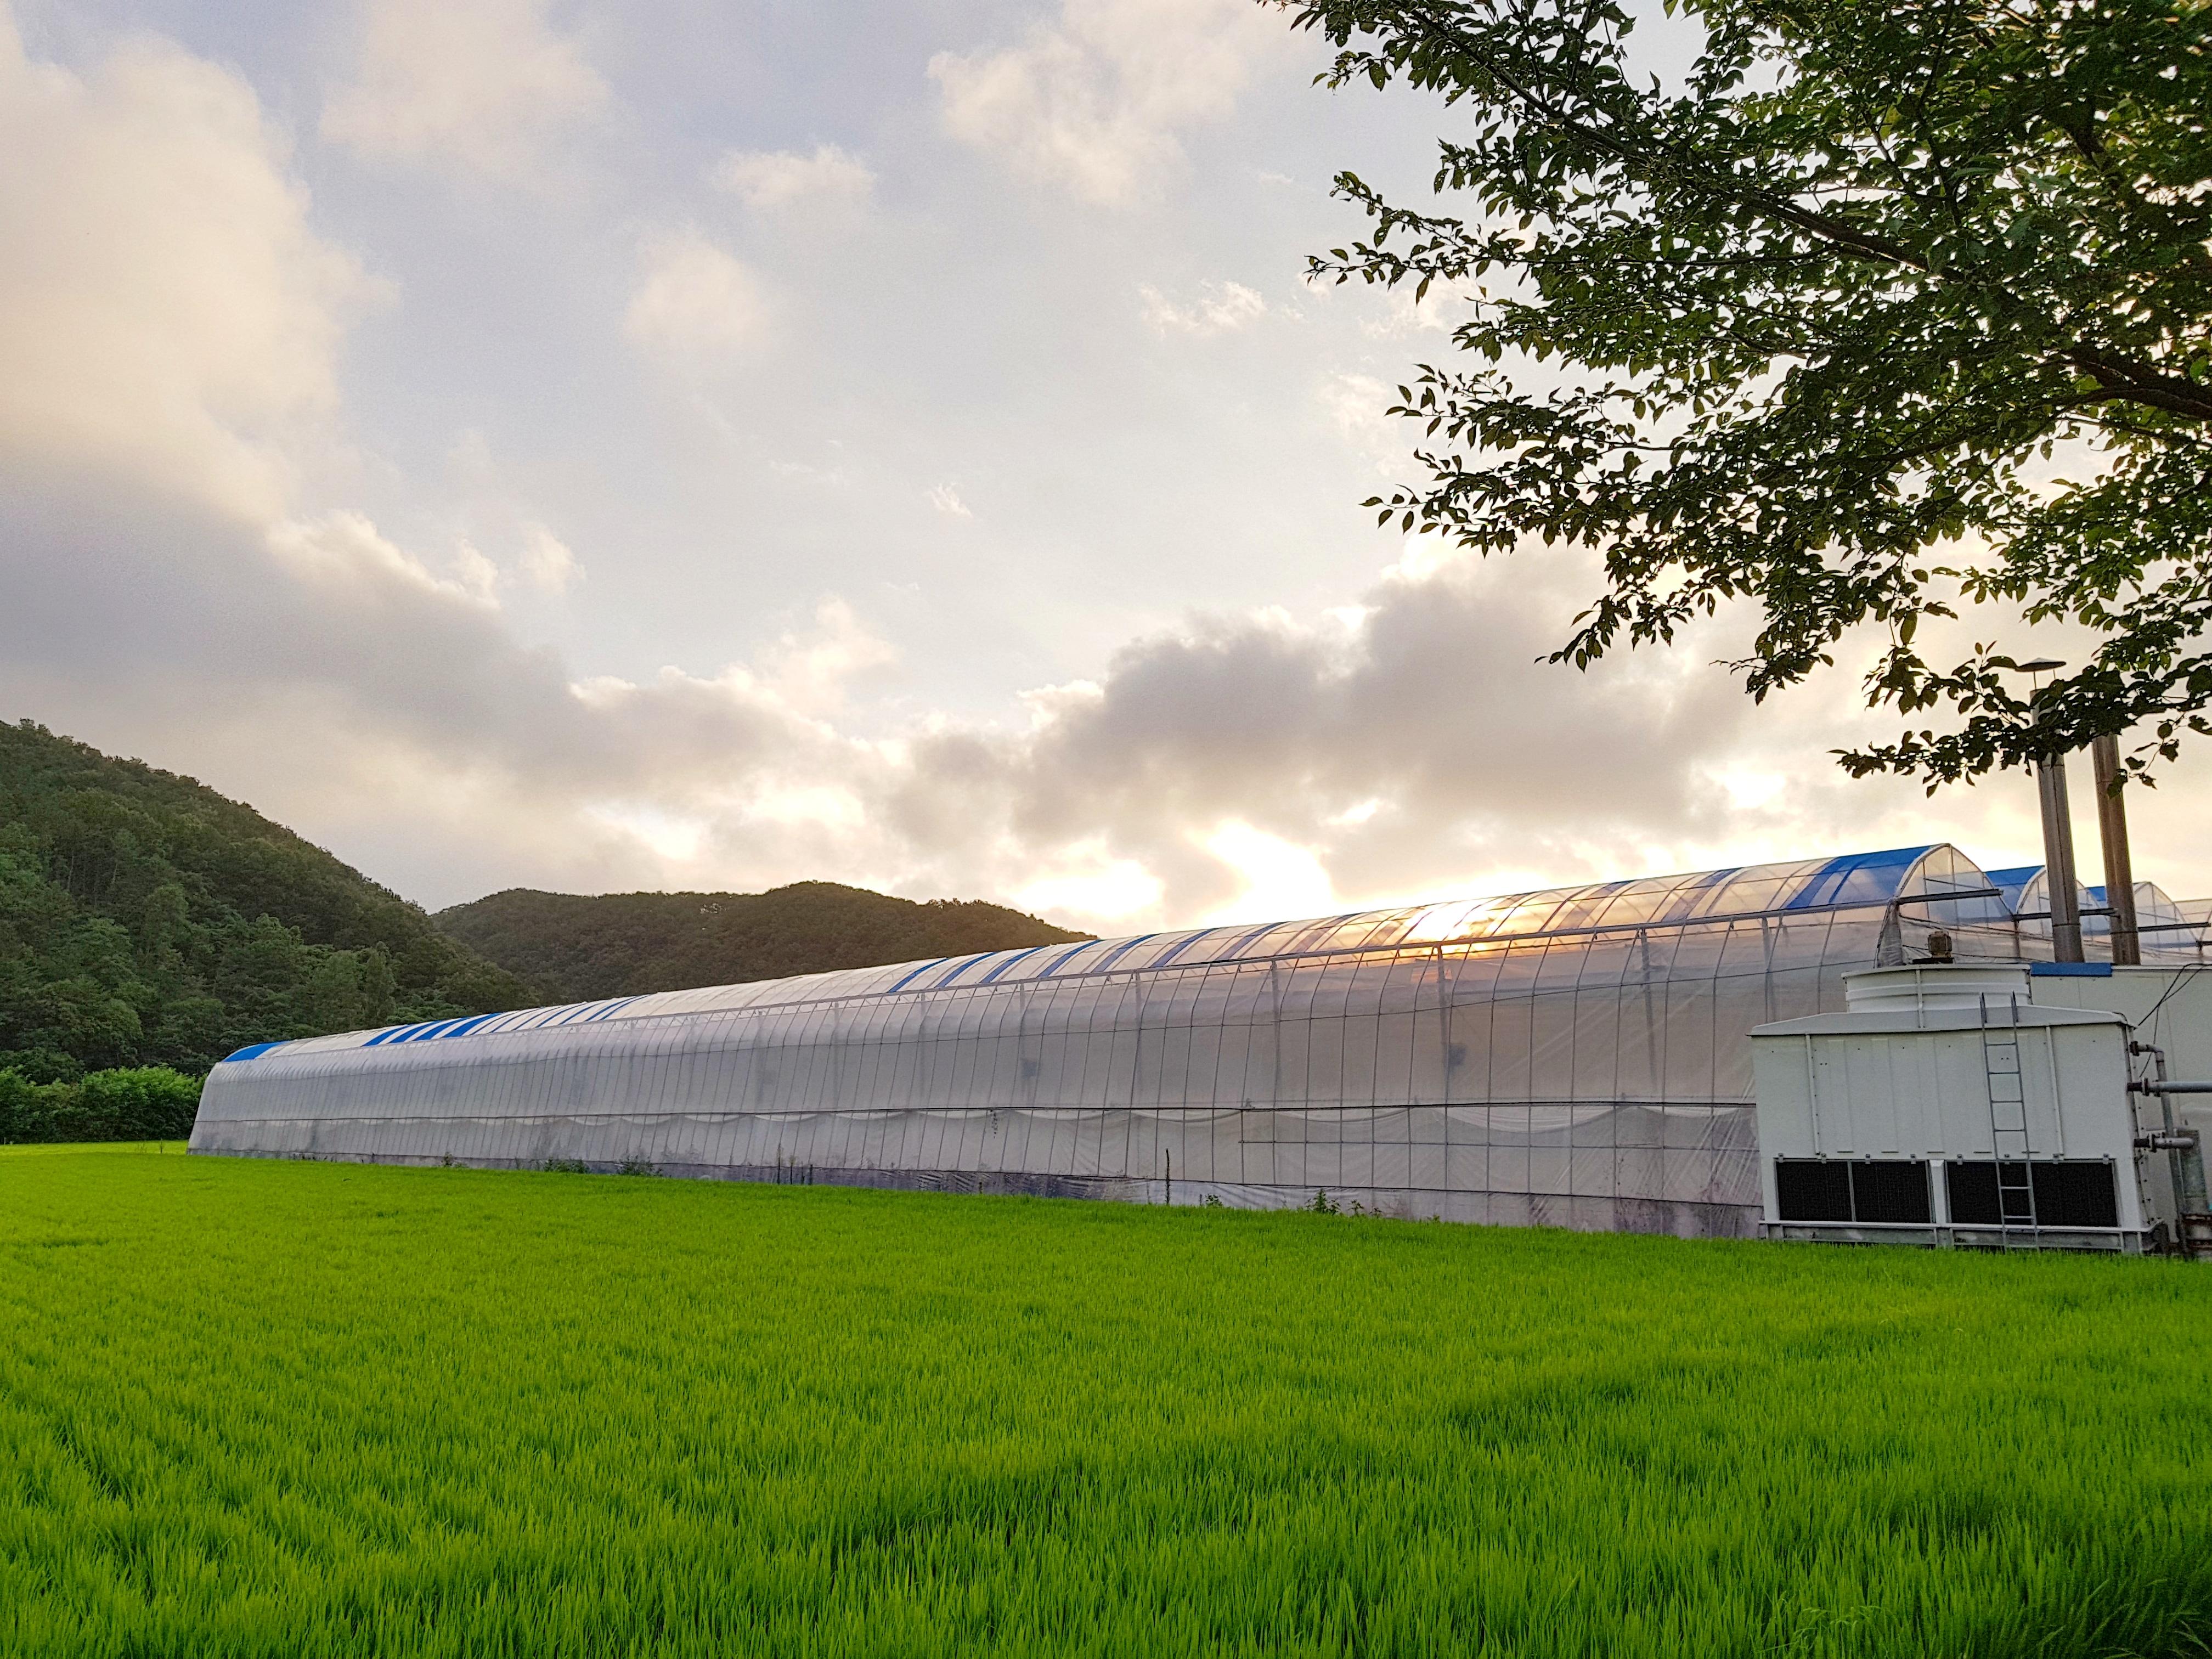 농산물은 공산품이 아니니까 - 농산물 외모지상주의